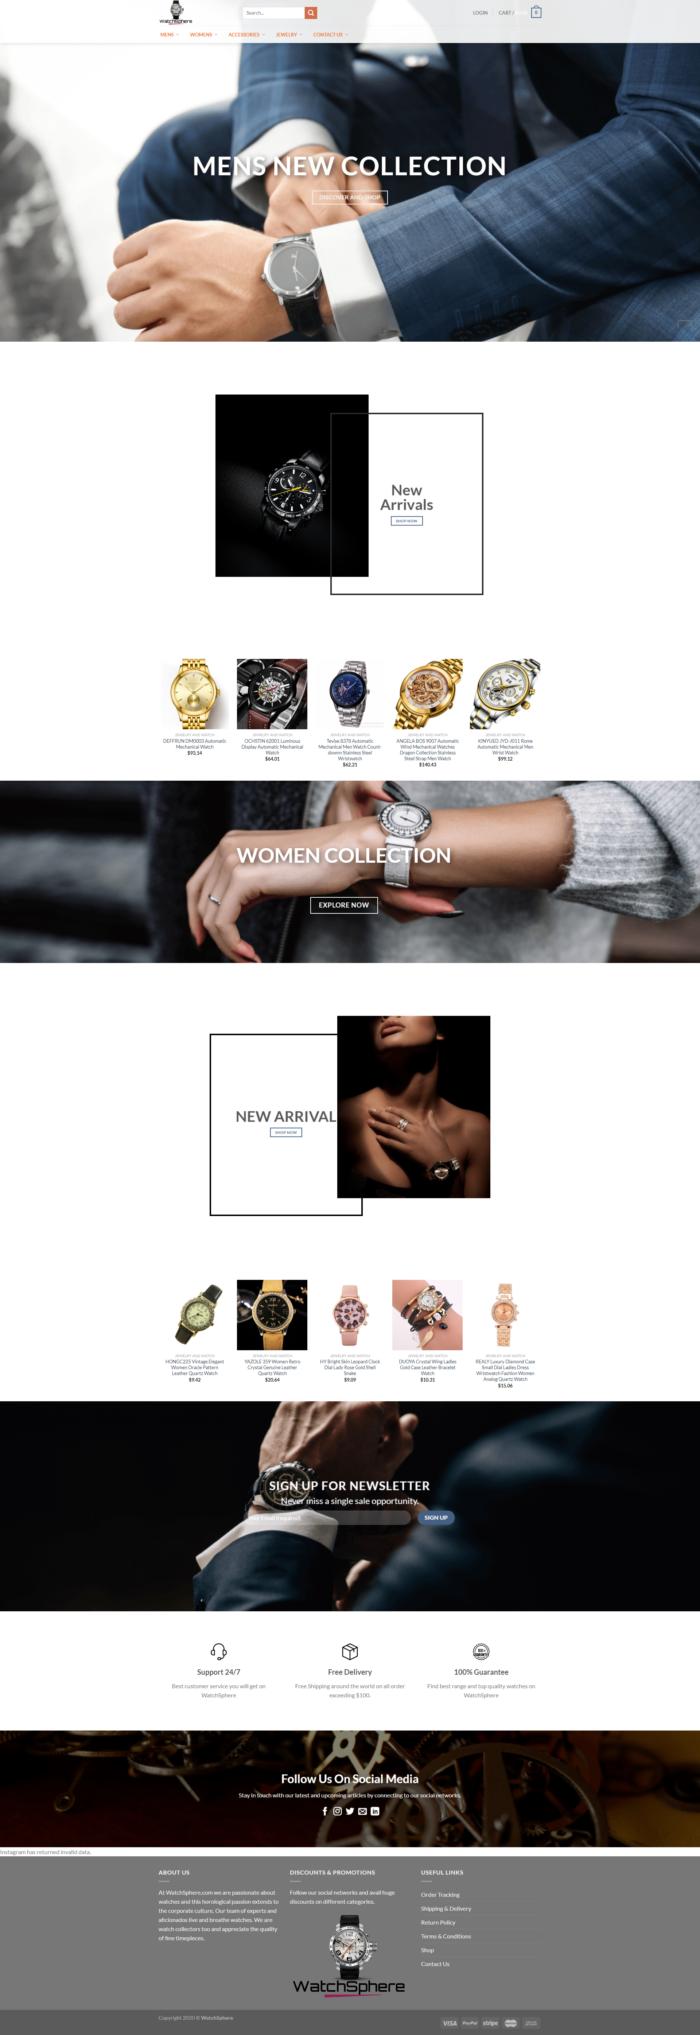 WatchSphere – Trending Watches Collecton